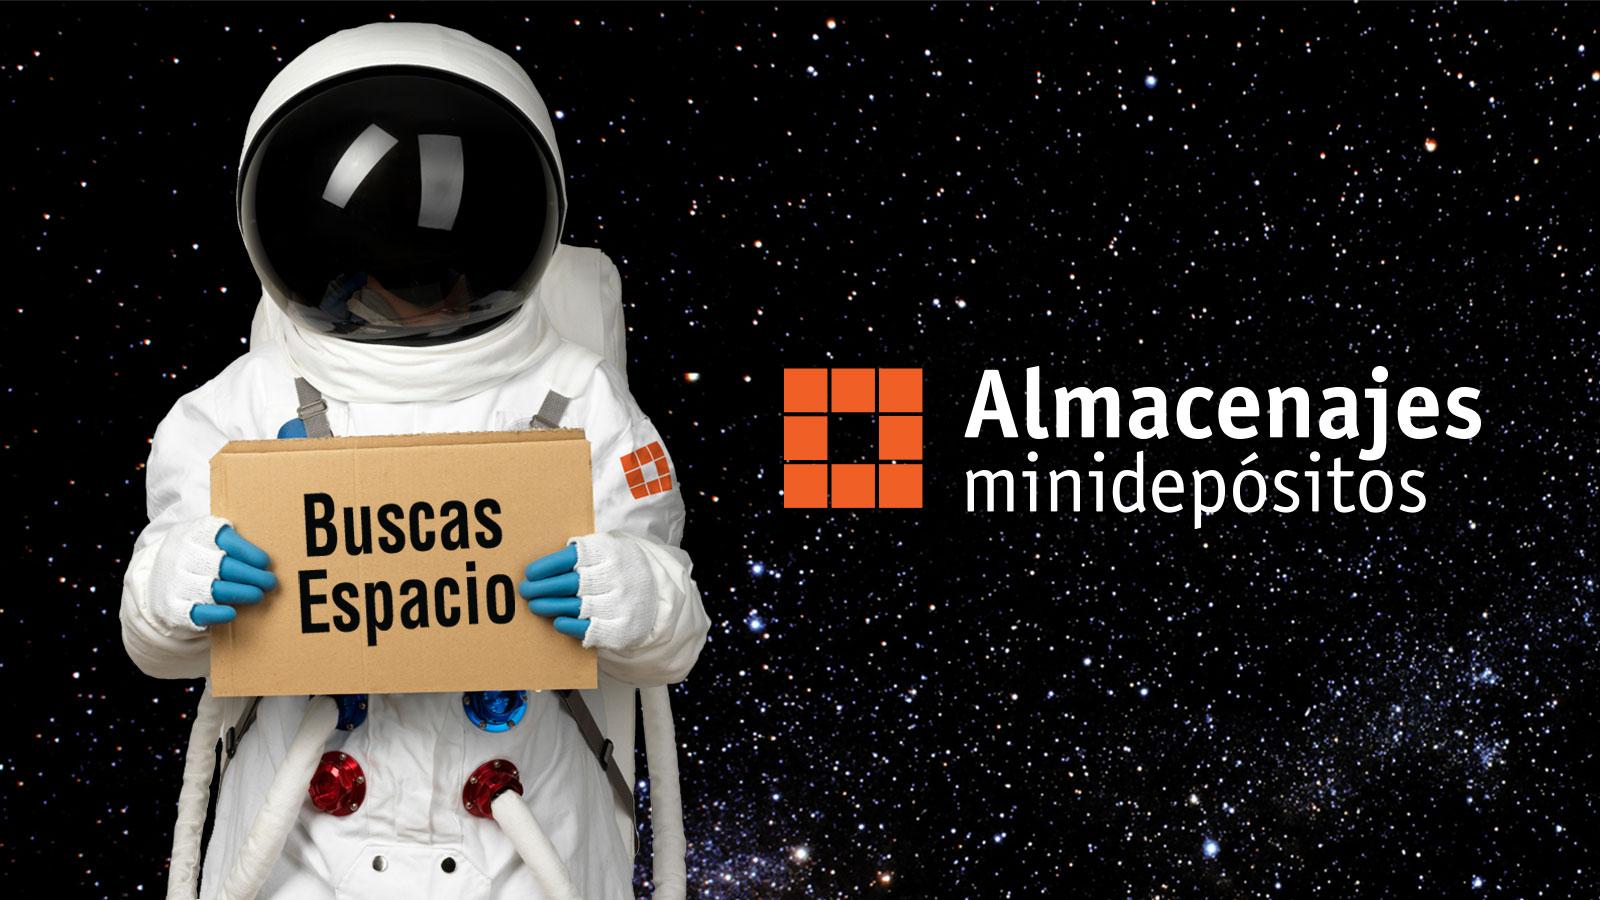 AlmacenajesMD-05